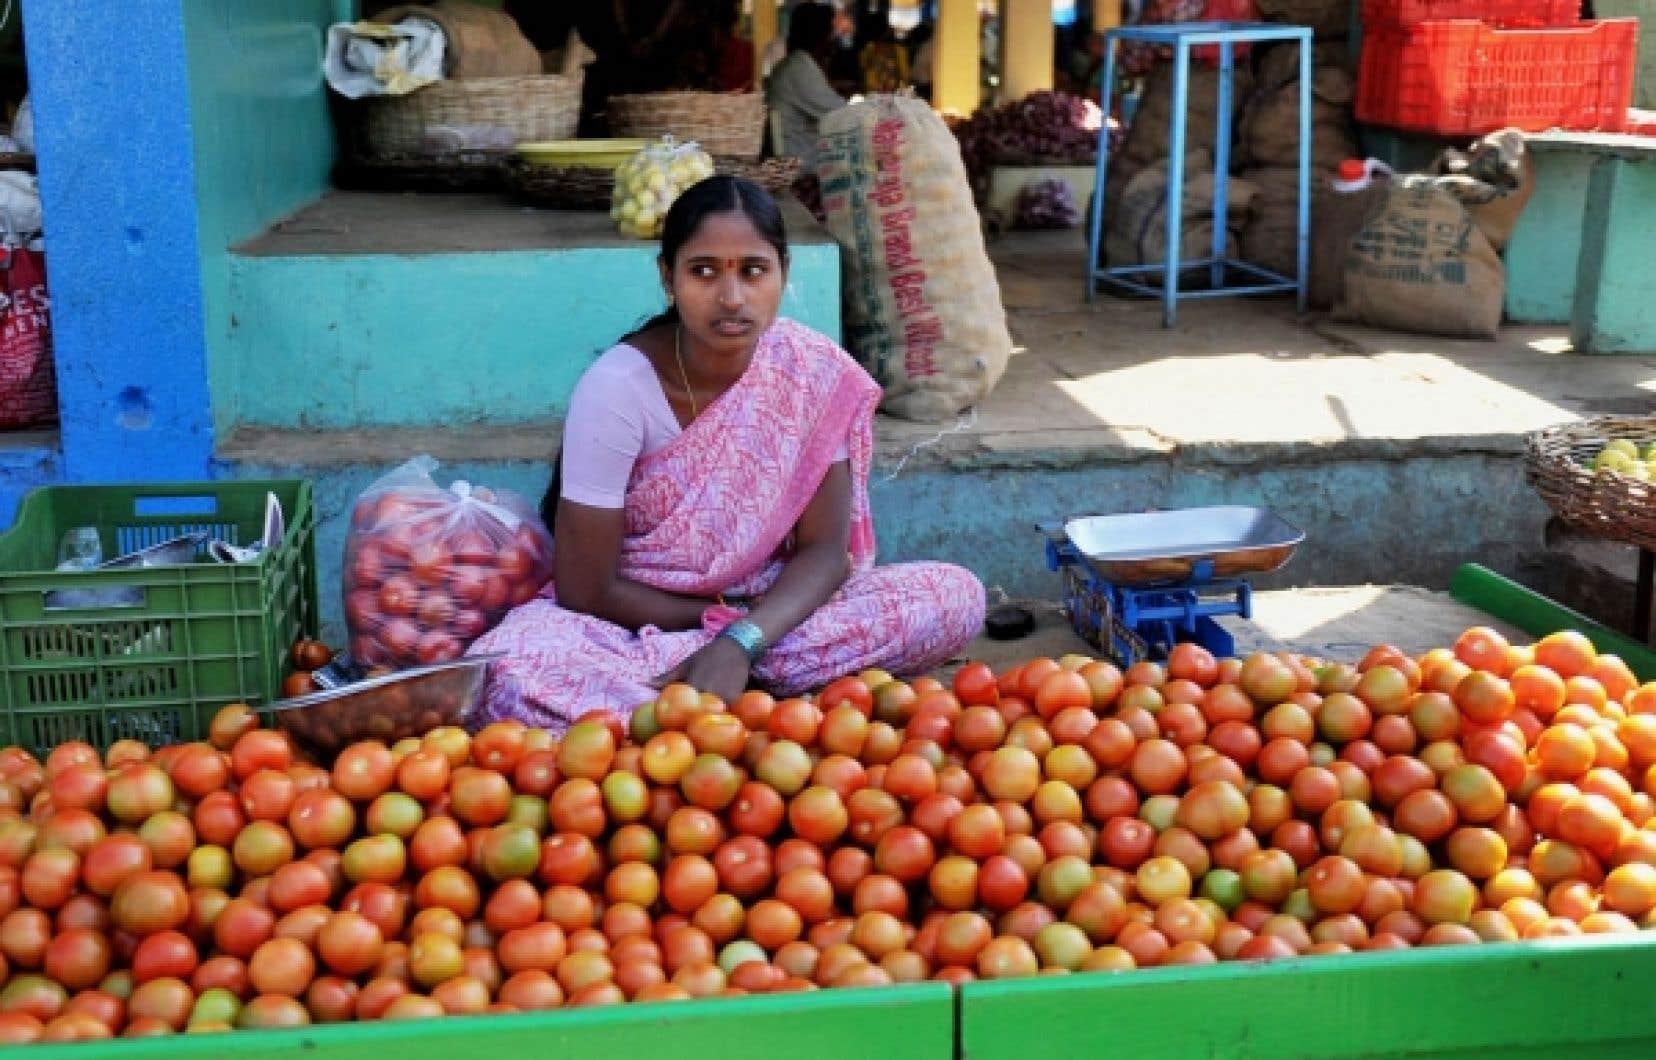 En Inde, une jeune femme vend des légumes dans un marché.